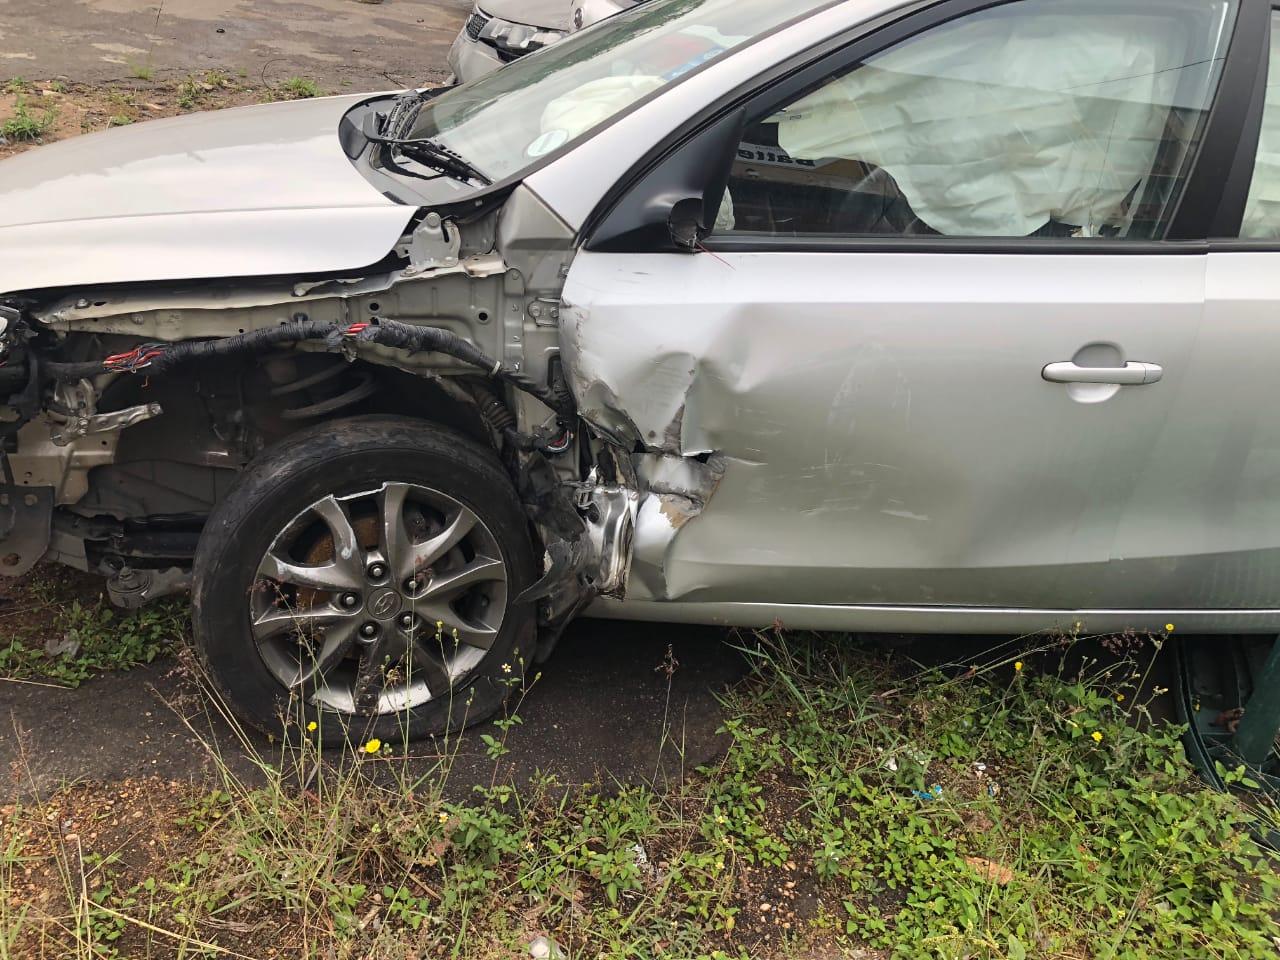 Brens Panel Beaters ,Airbag, Dashboard Repairs and General Motor Repairs